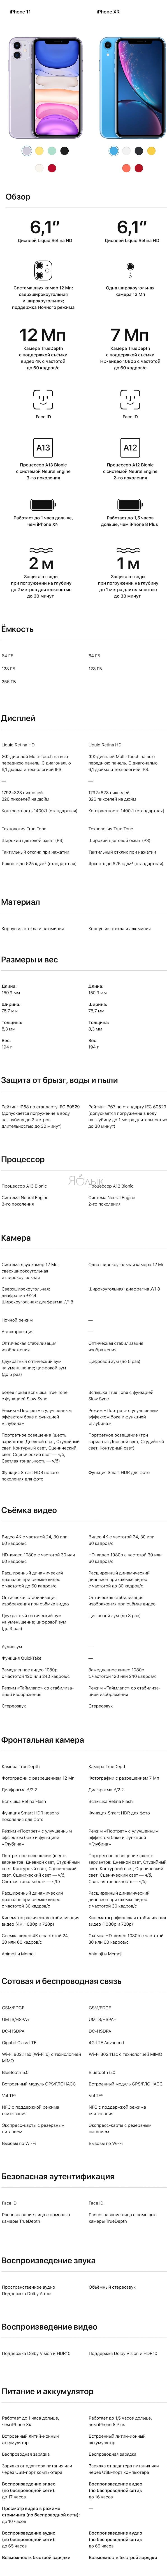 Сравнение технических характеристик (спецификаций)iPhone 11 и iPhone XR